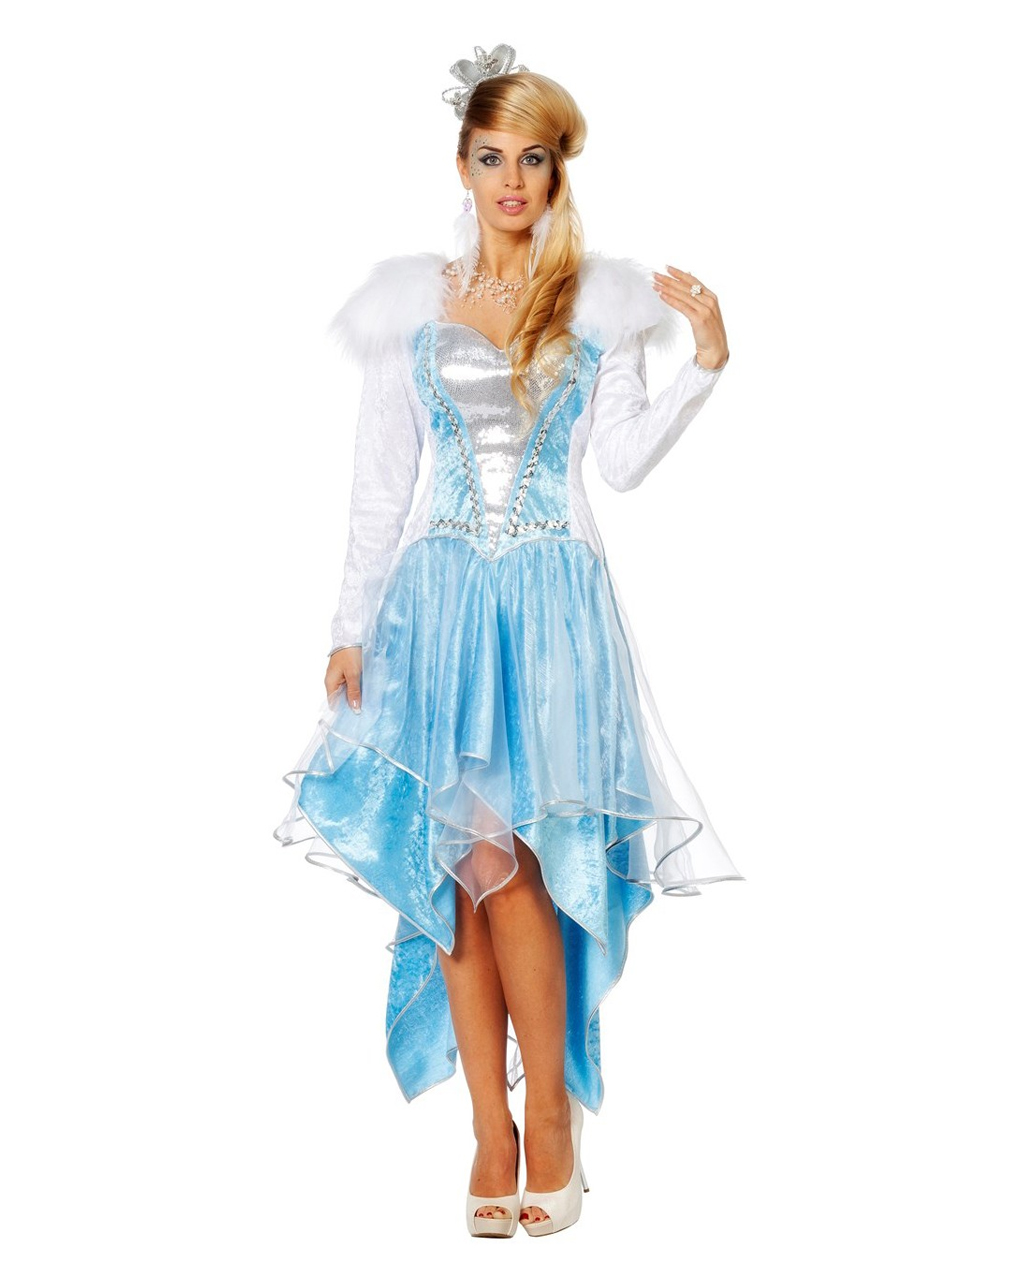 Frauen Kostum Eiskonigin Fur Fasching Kaufen Karneval Universe